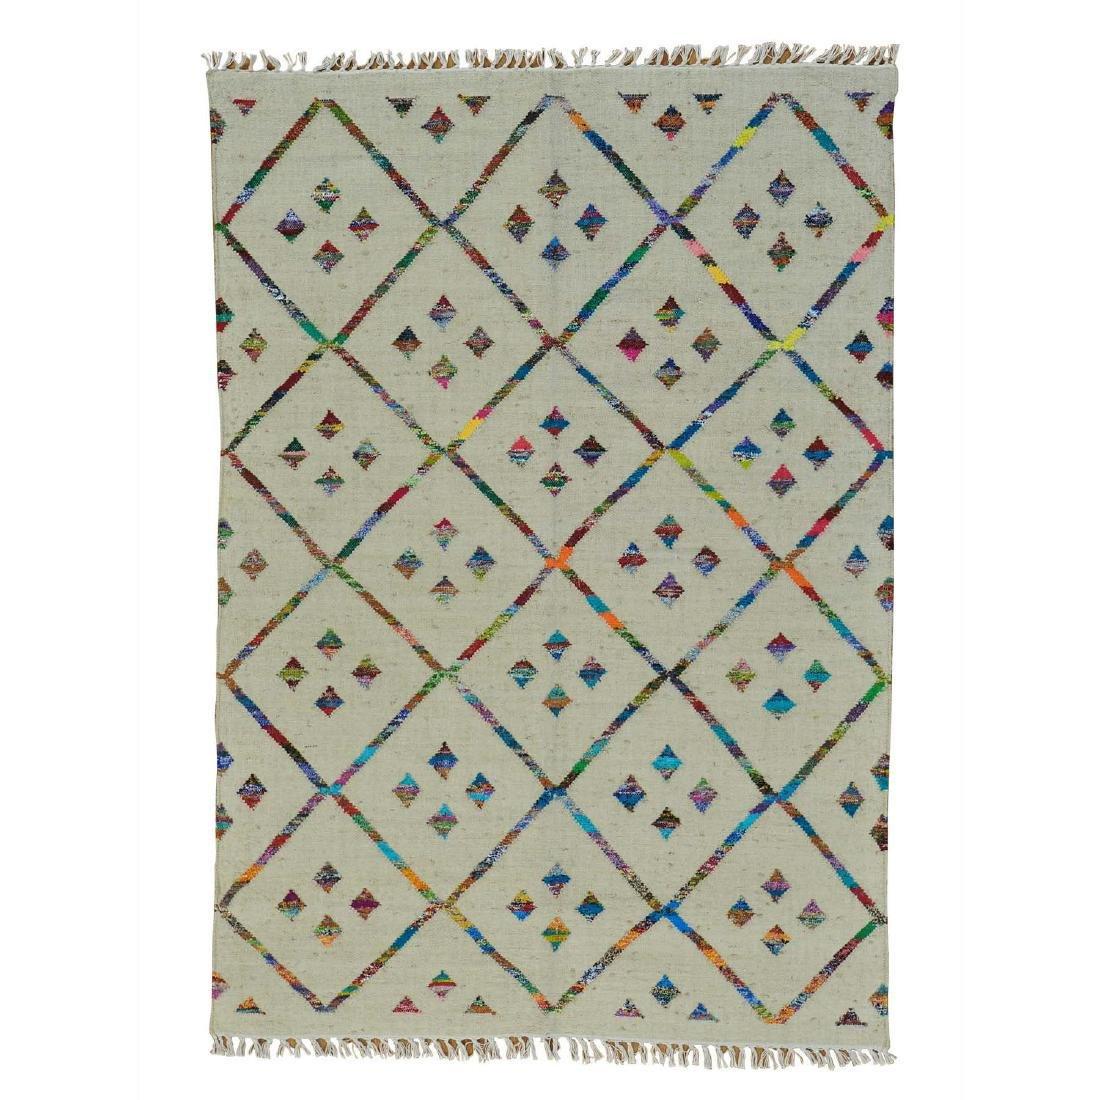 Handmade Geometric Durie Kilim Rug Wool and 5x7.4